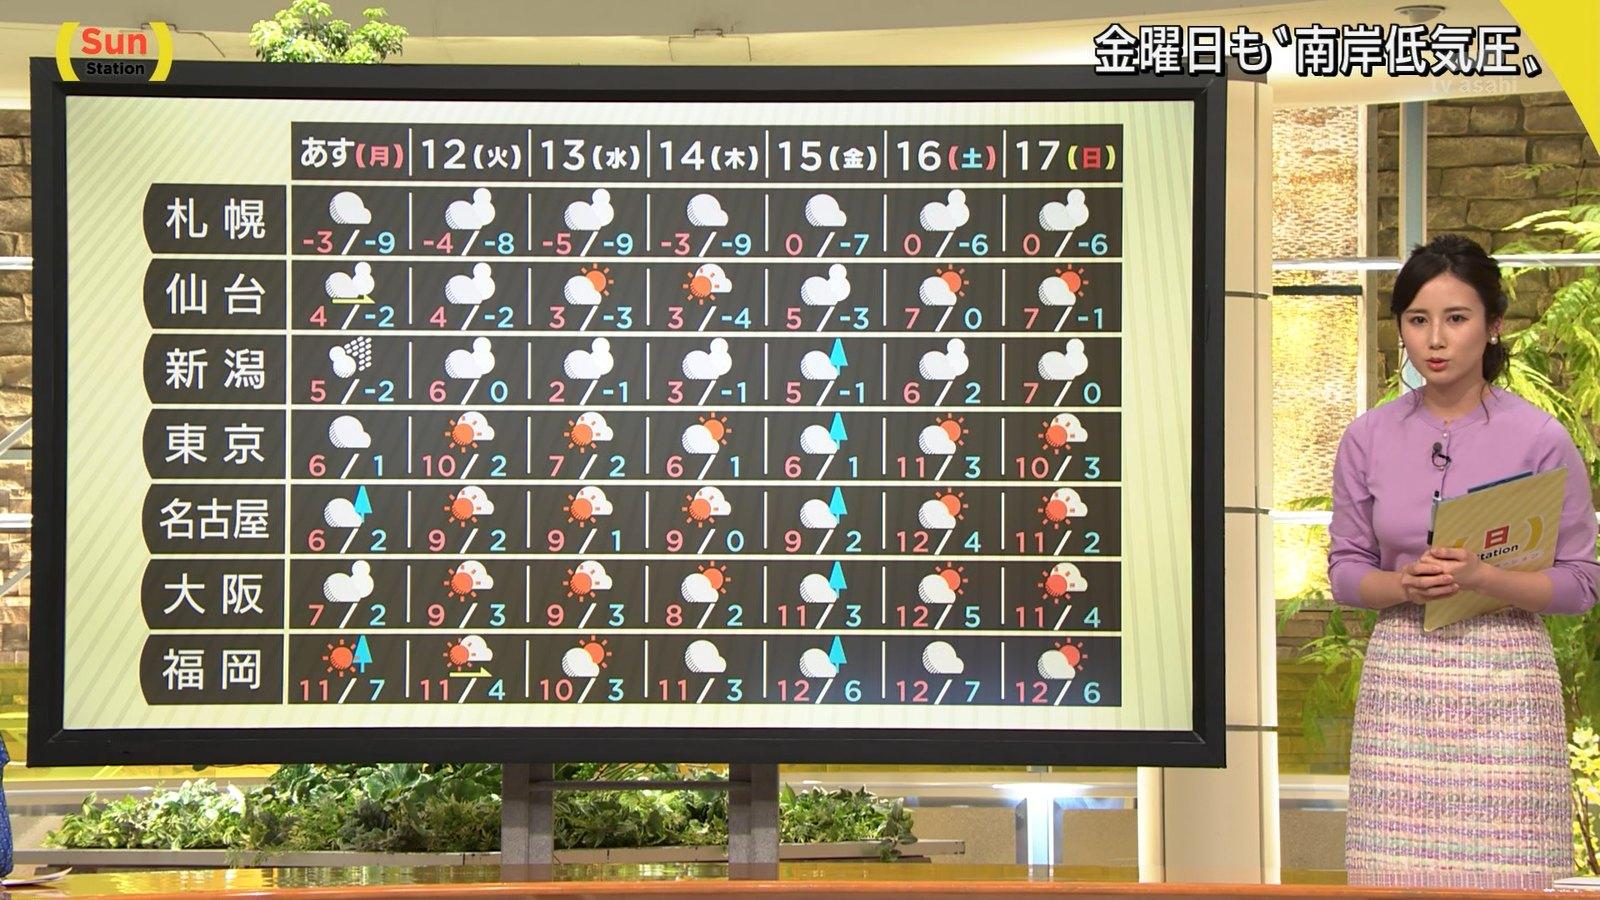 テレビ朝日女性アナウンサー・森川夕貴さんのテレビキャプチャー画像-069